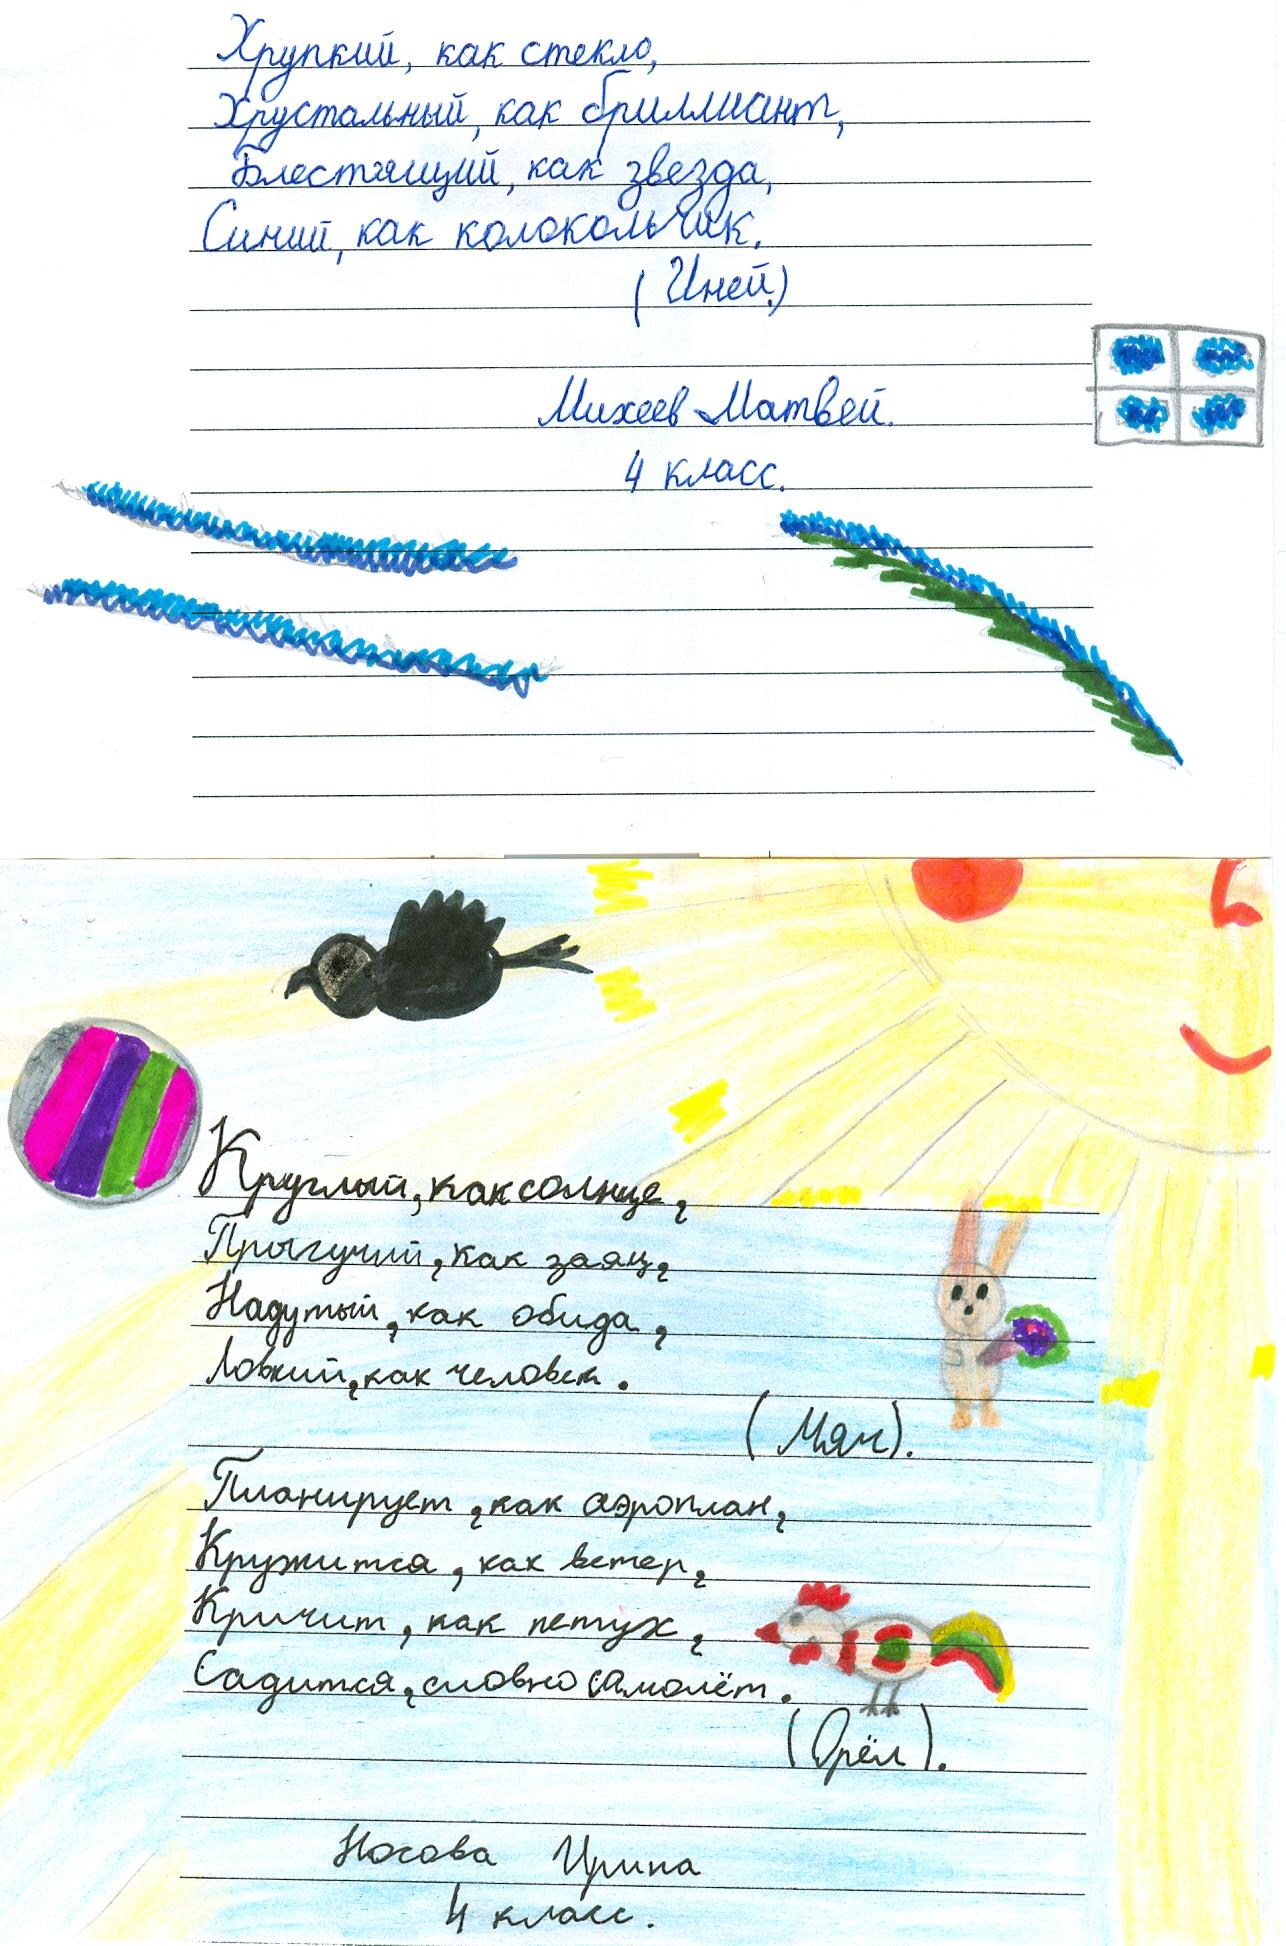 C:\Users\Елена Григорьевна\Pictures\Мои сканированные изображения\сканирование0041.jpg